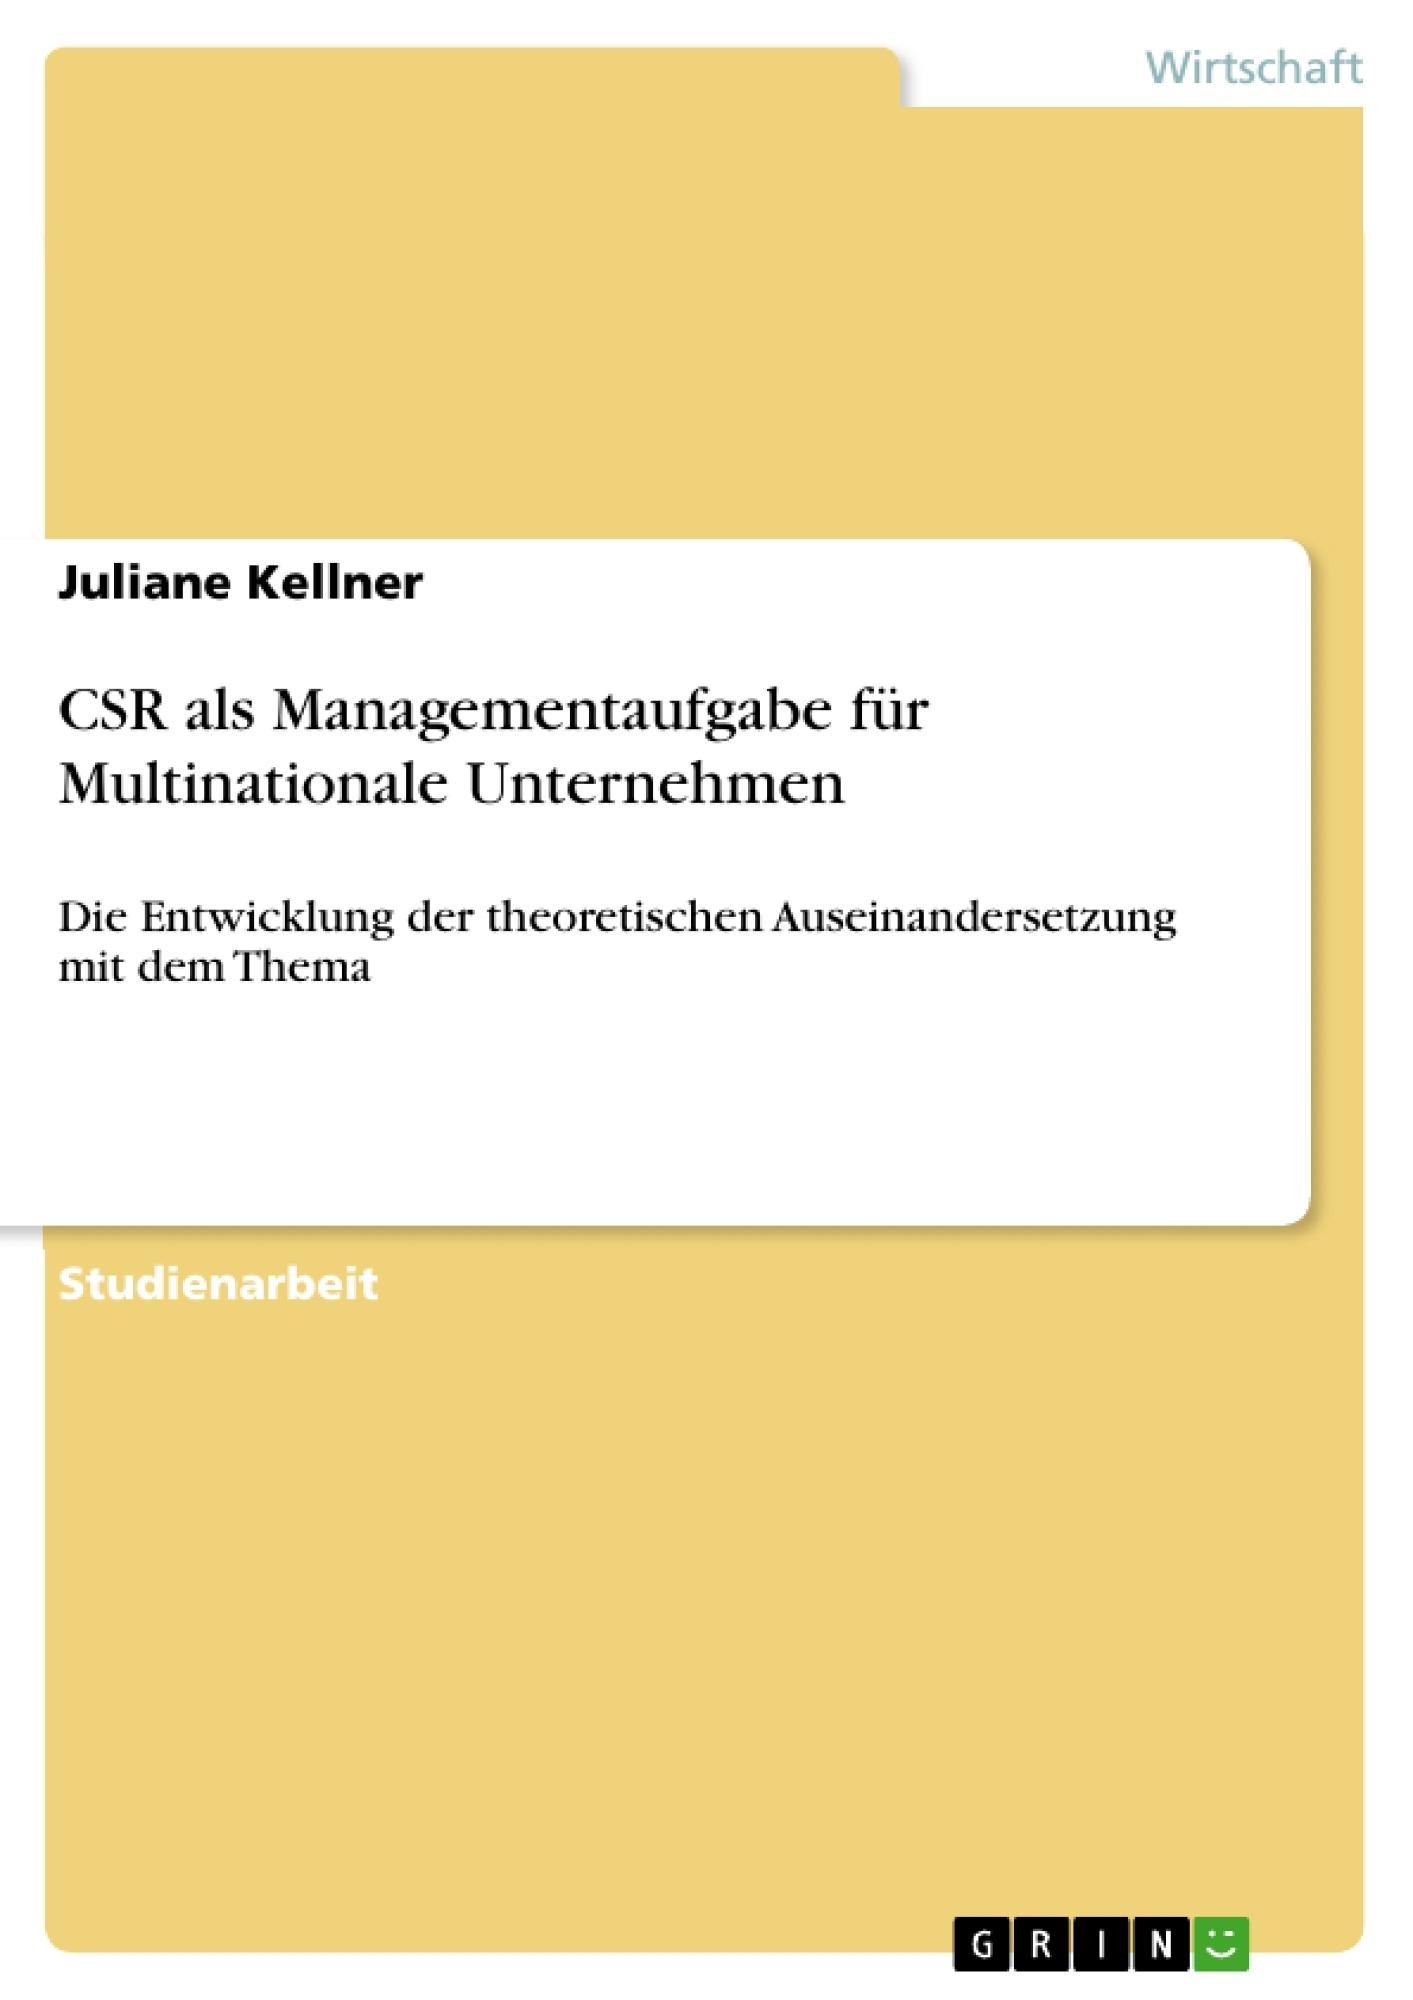 Titel: CSR als Managementaufgabe für Multinationale Unternehmen